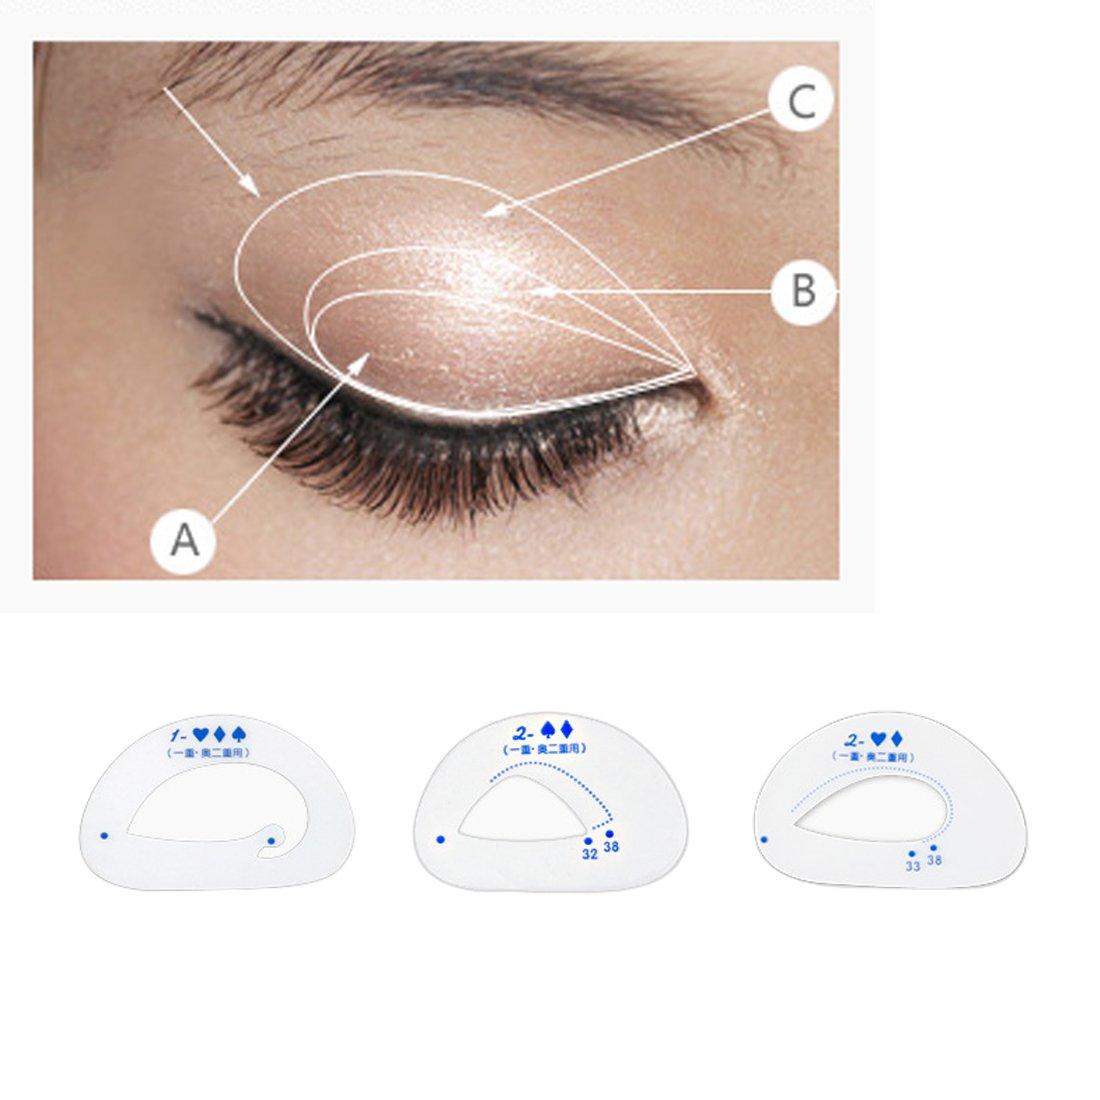 Juego de 6 plantillas para sombra de ojos, para cosméticos, para cejas, para maquillaje, para manualidades, herramientas de belleza: Amazon.es: Belleza